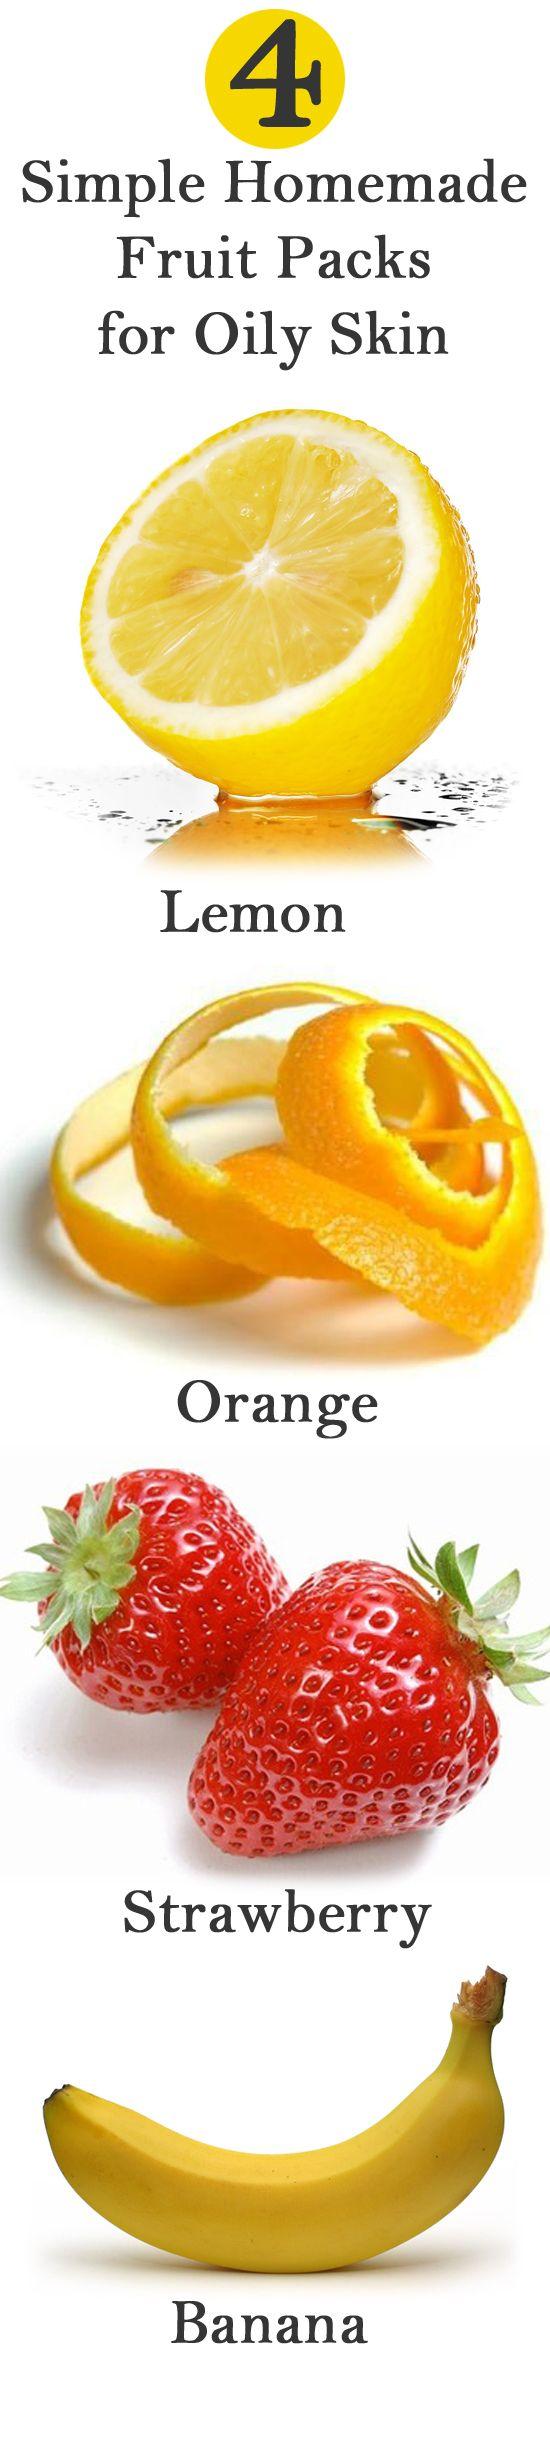 homemade fruit packs scrubs oily skin